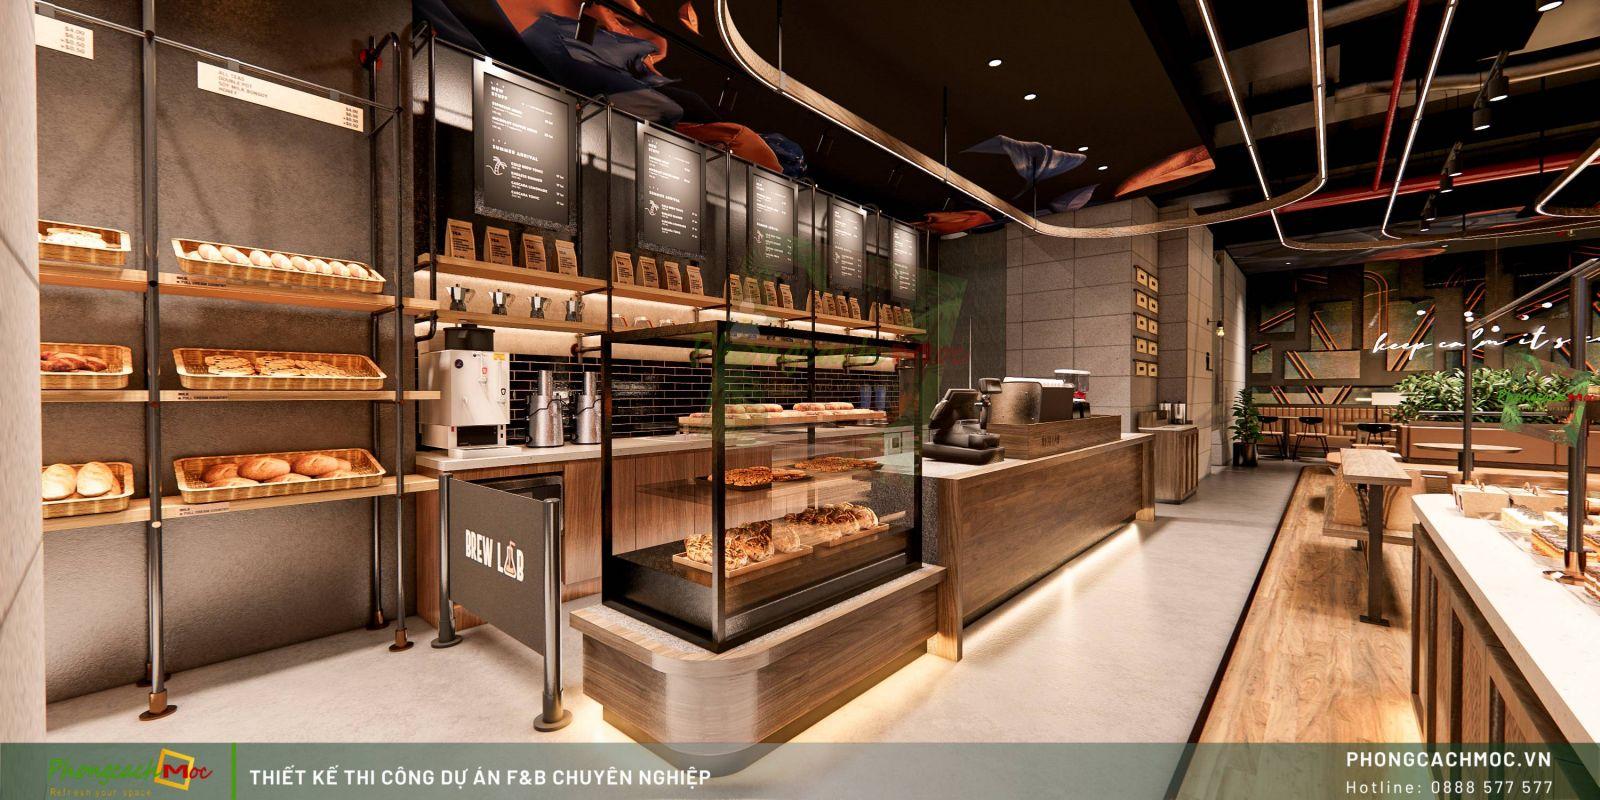 Thiet-ke-quan-cafe-Brew-Lab-quan10-6